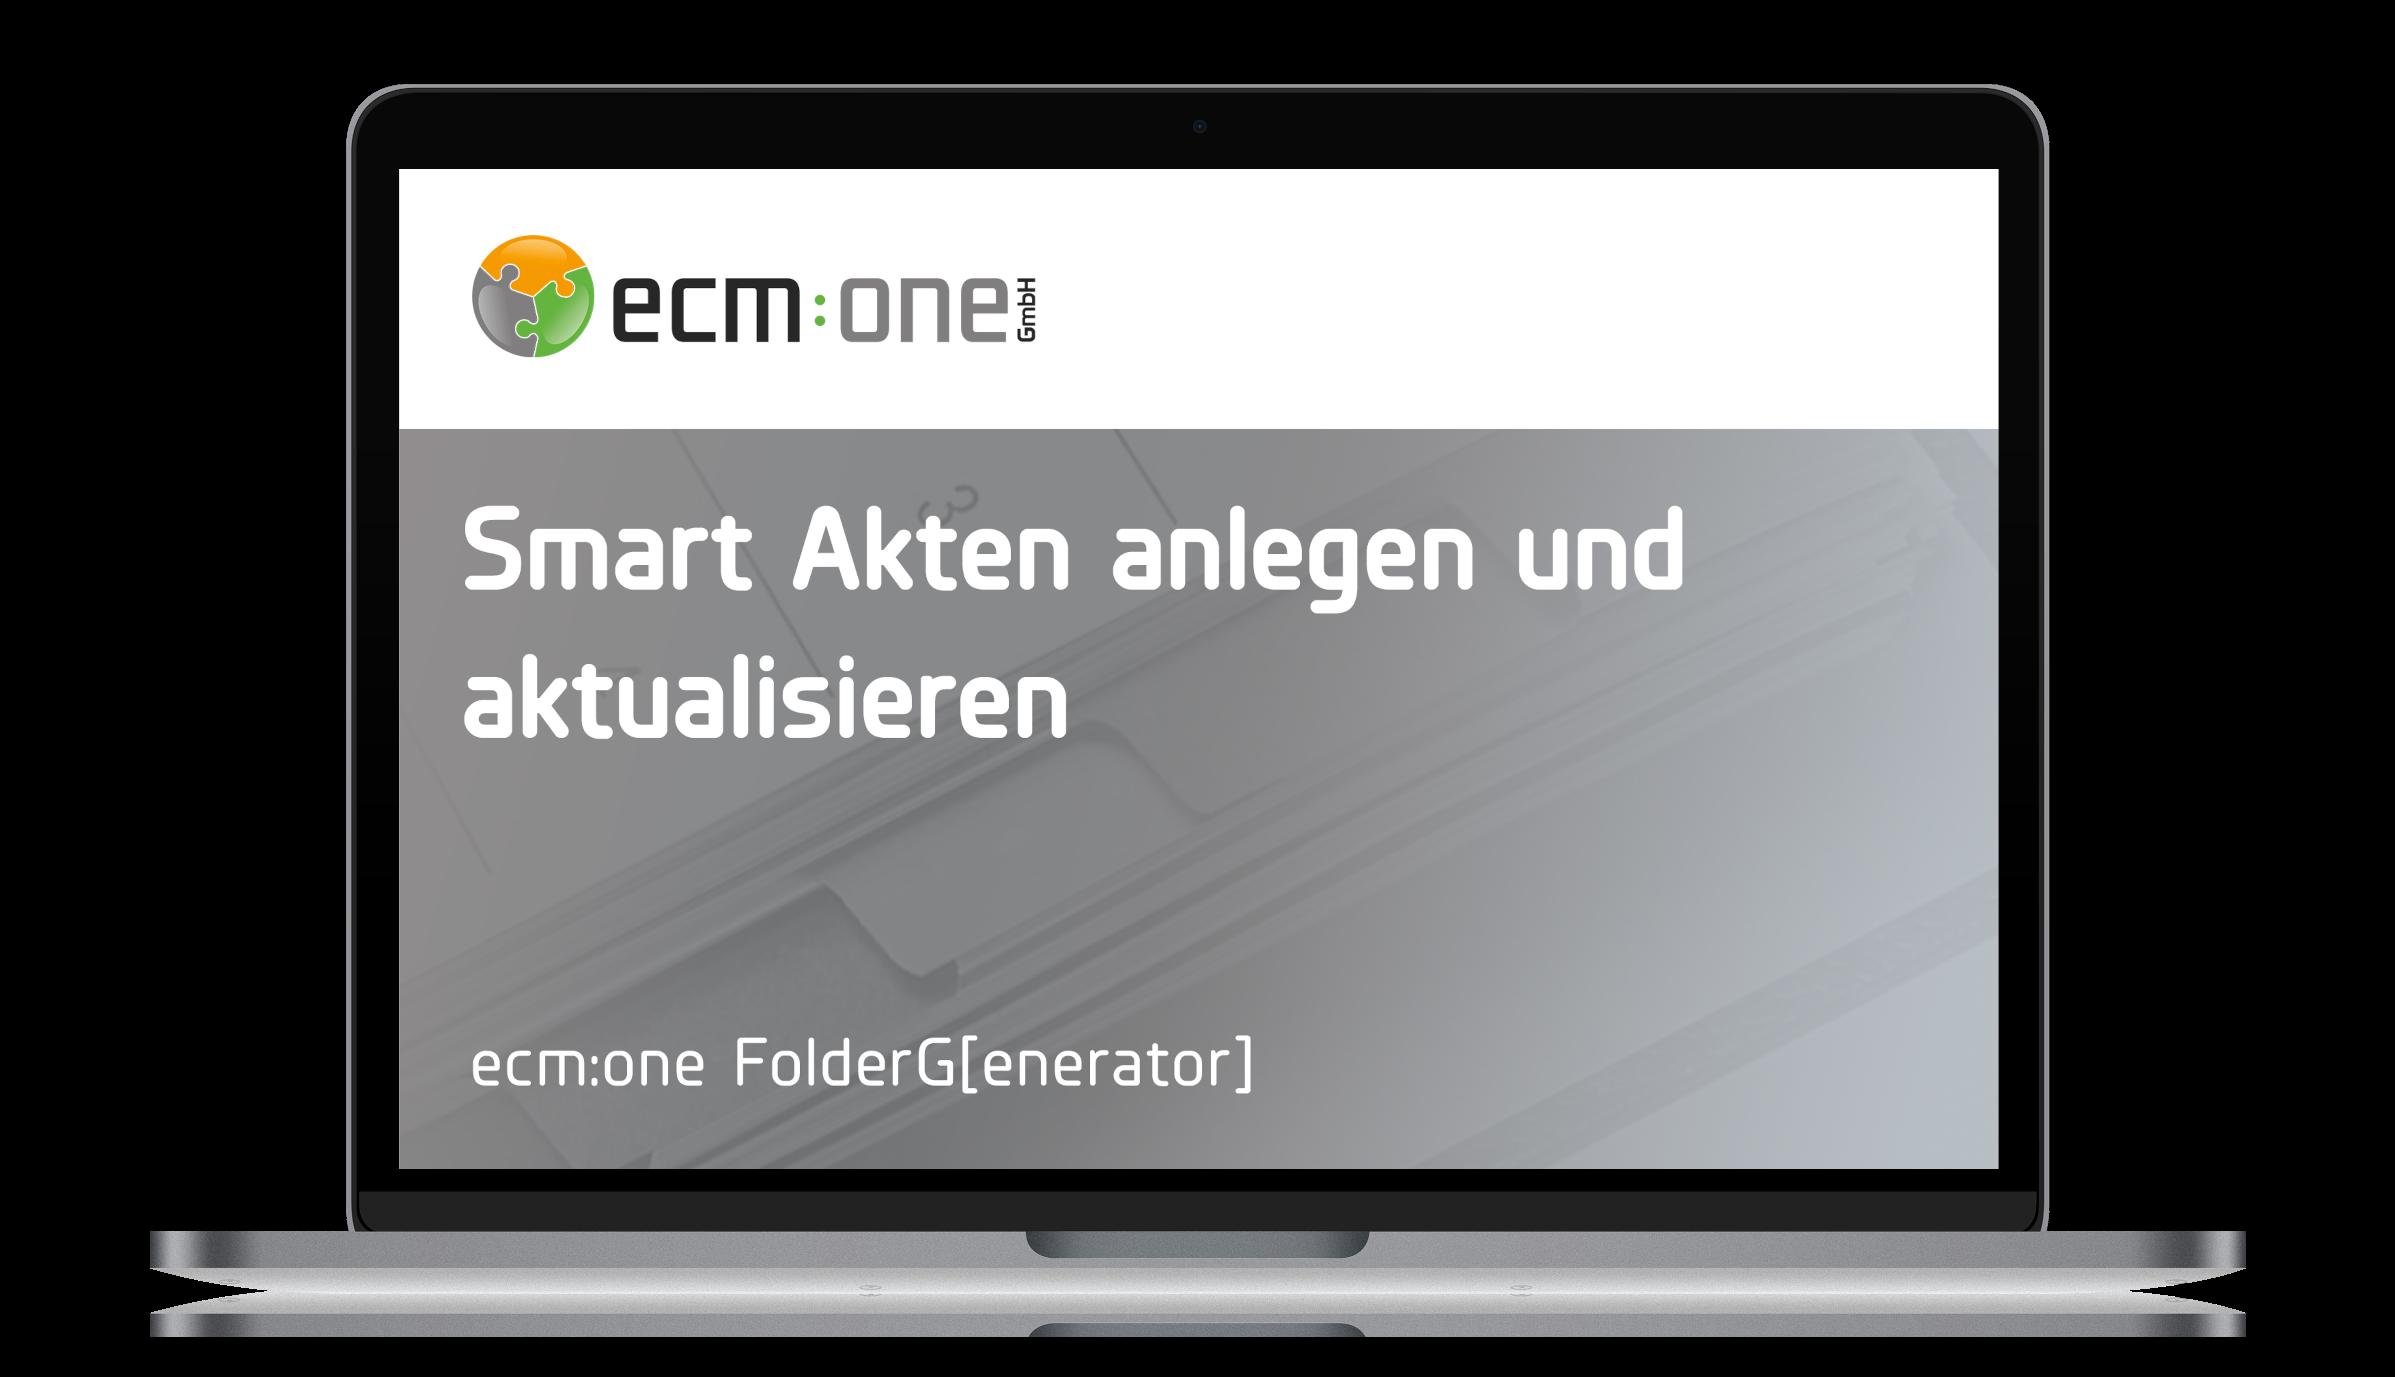 ecm:one FolderG[enerator]